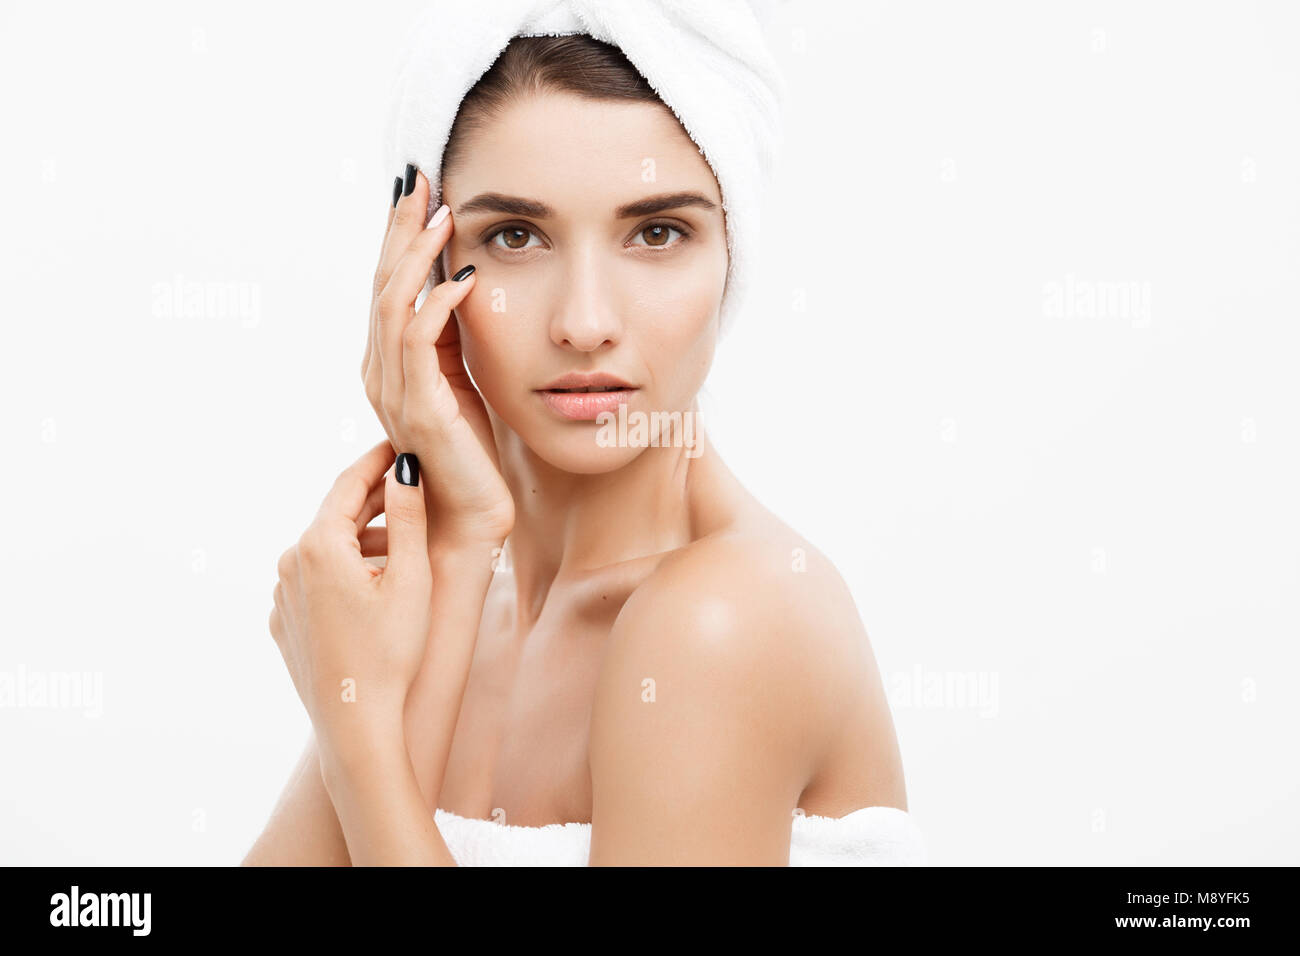 Schönheit und Hautpflege - Close up Schöne junge Frau ihre Haut berühren. Stockbild